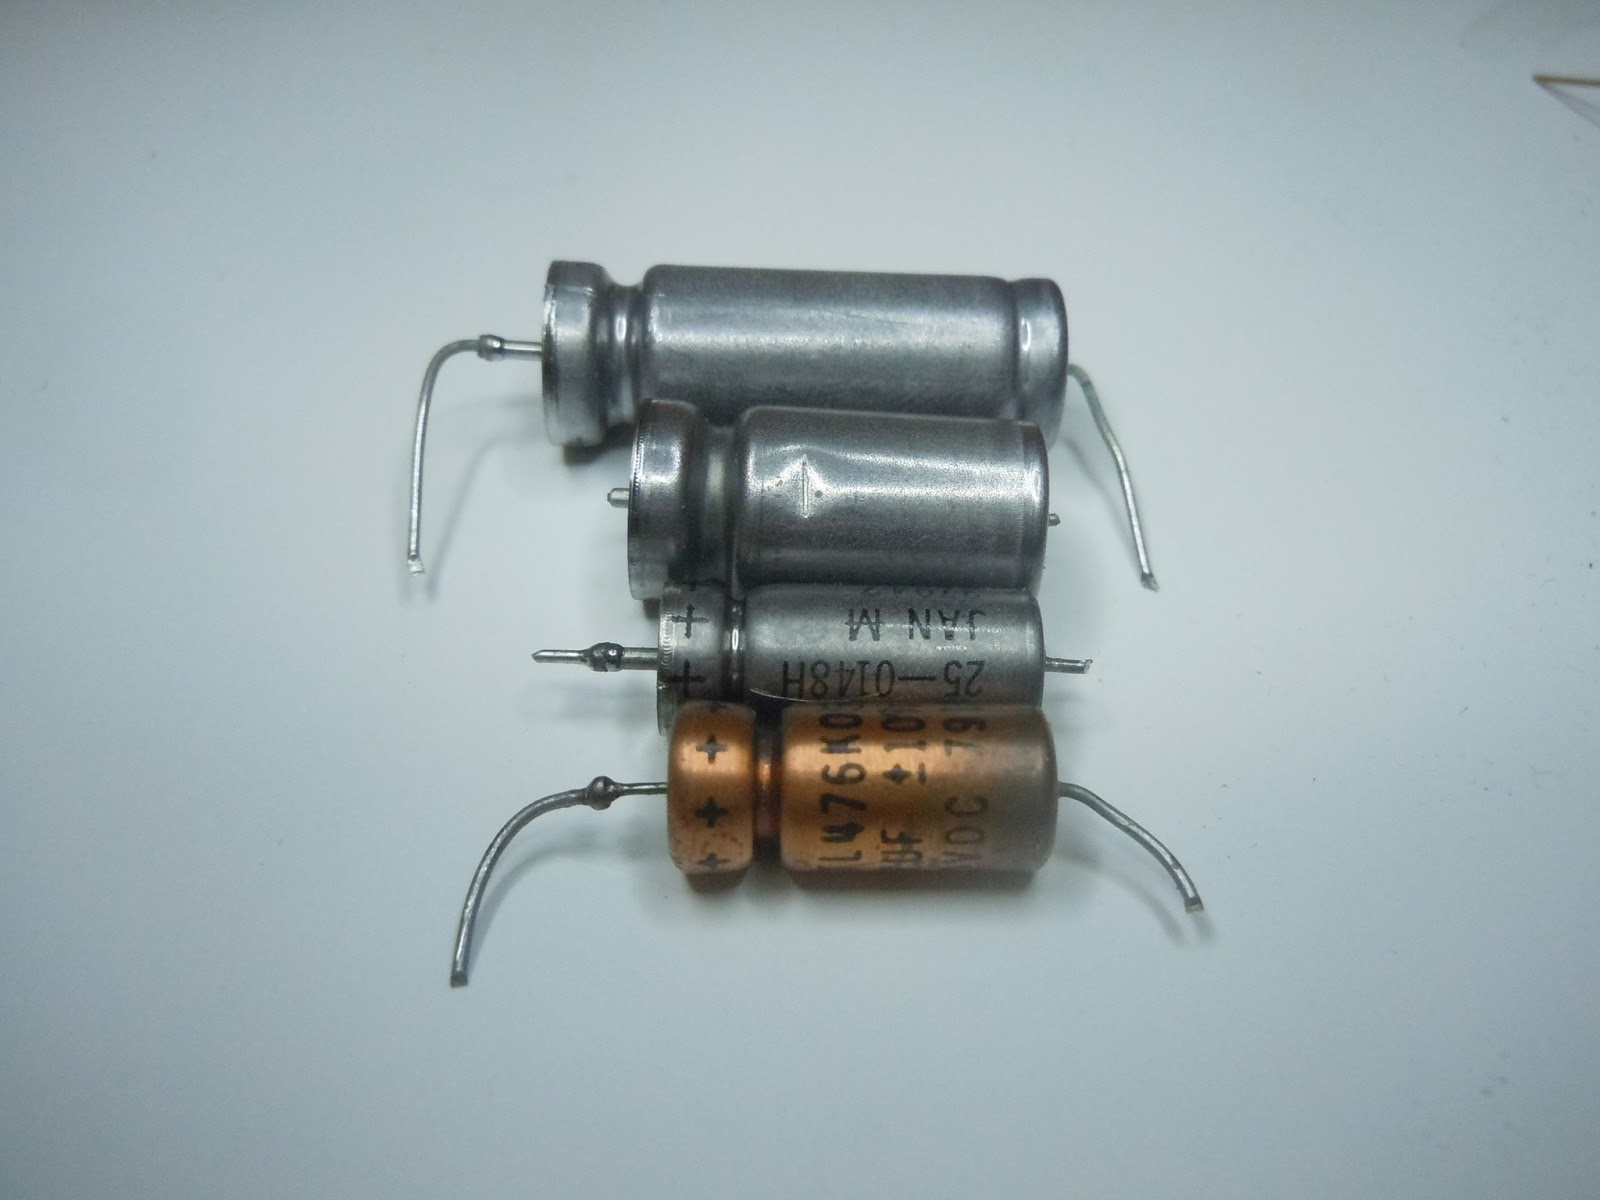 Buying Tantalum Capacitors: Types Of Tantalum Capacitors